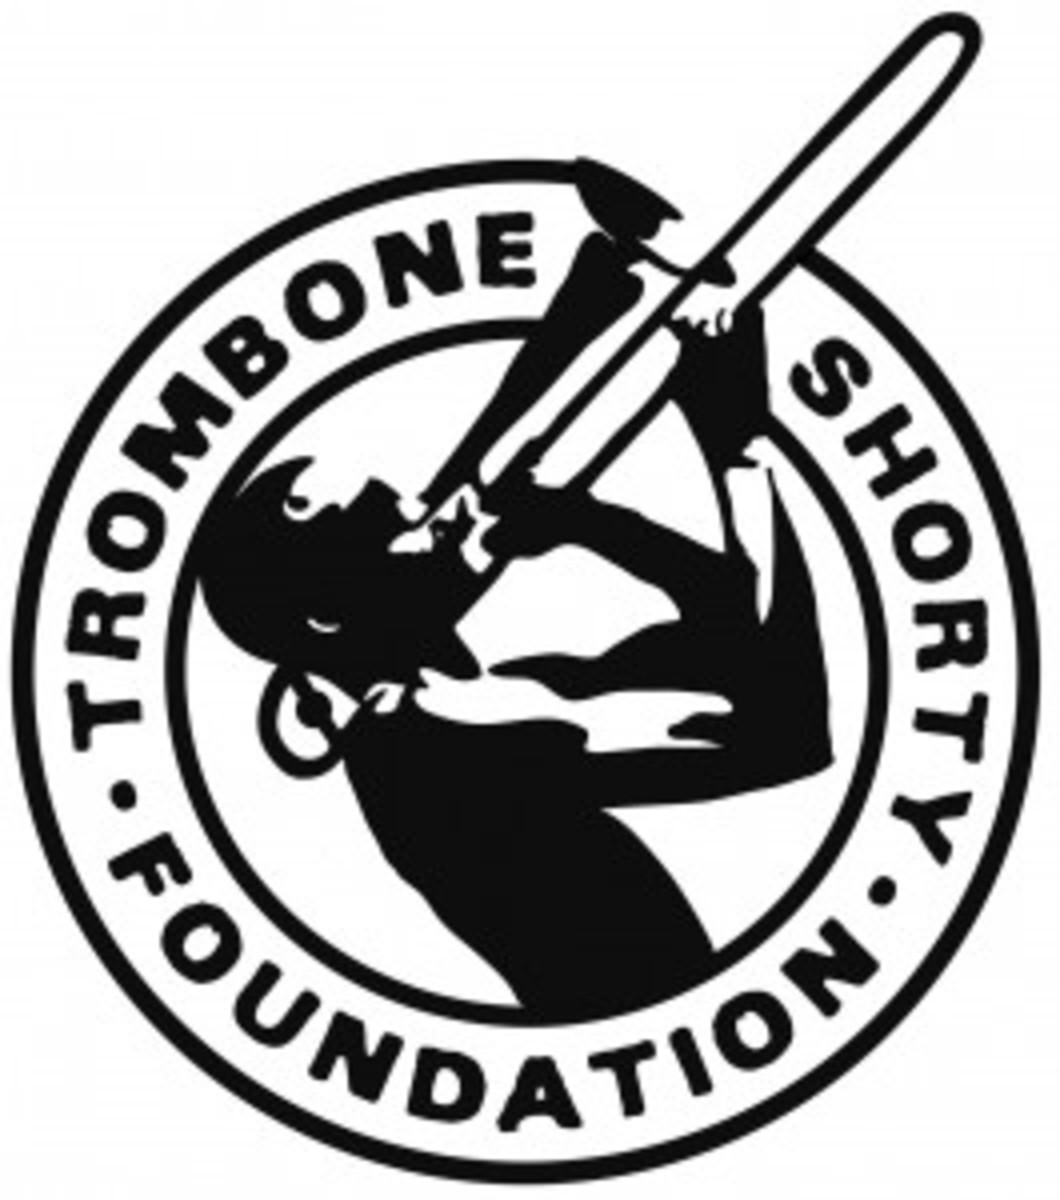 TromboneShortyFoundationLogo